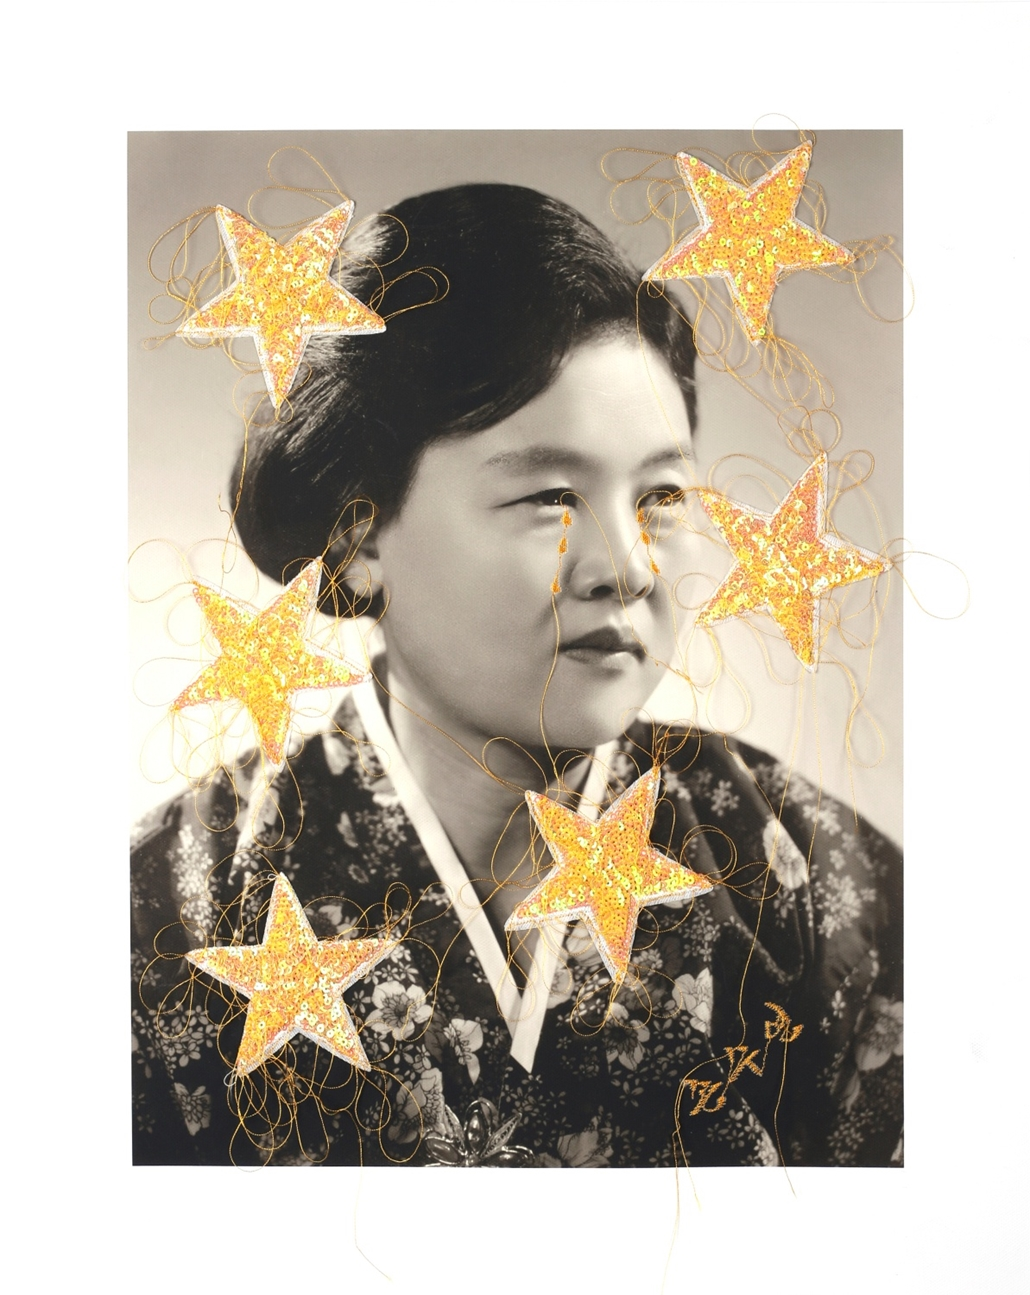 e_! -  Betekintés párhuzamos életekbe Pályi Zsófia és Youn MiMi kiállítása a Kóreai Kulturális Központban